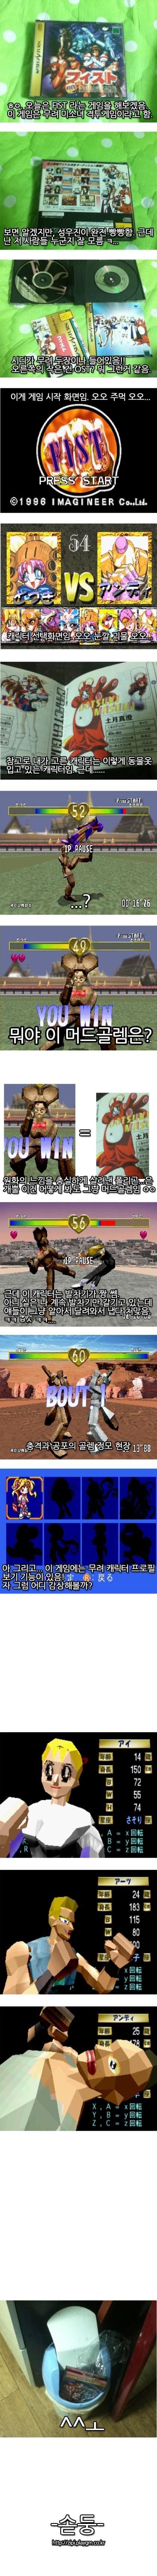 전설의 미소녀 격투 게임.jpg